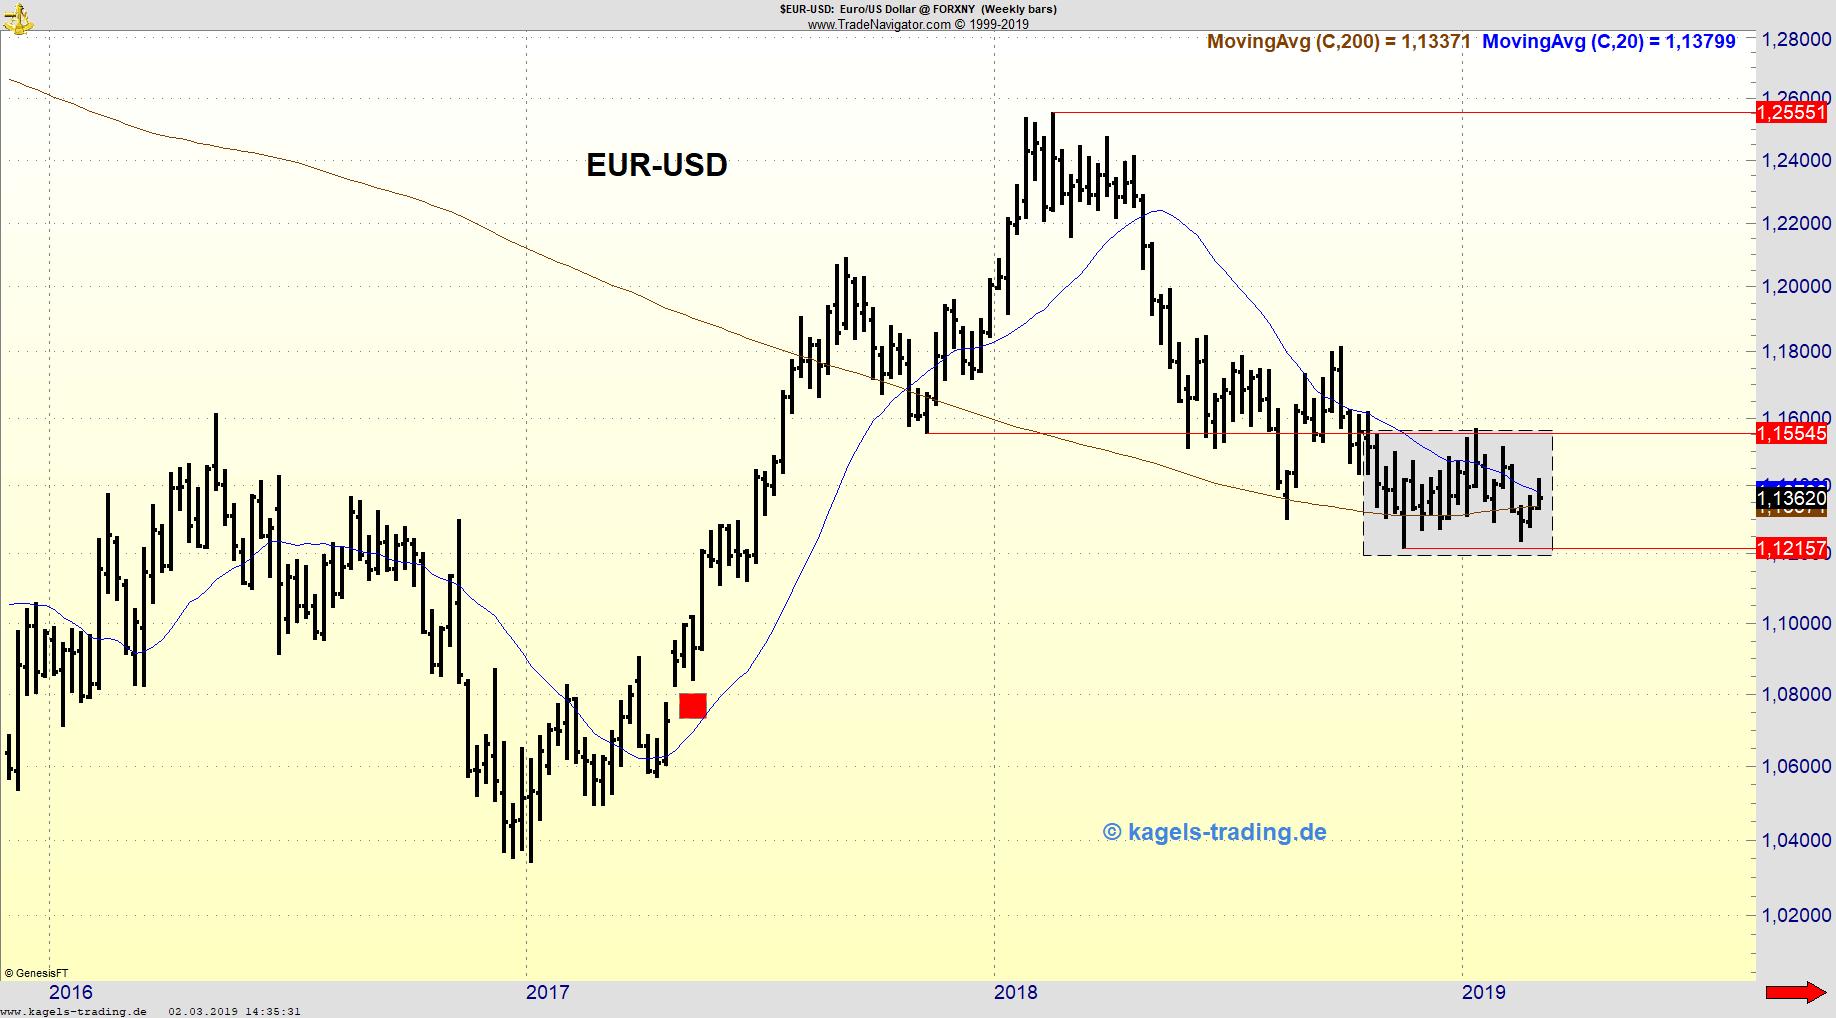 Wochenchart EUR/USD in Konsolidierung gefangen